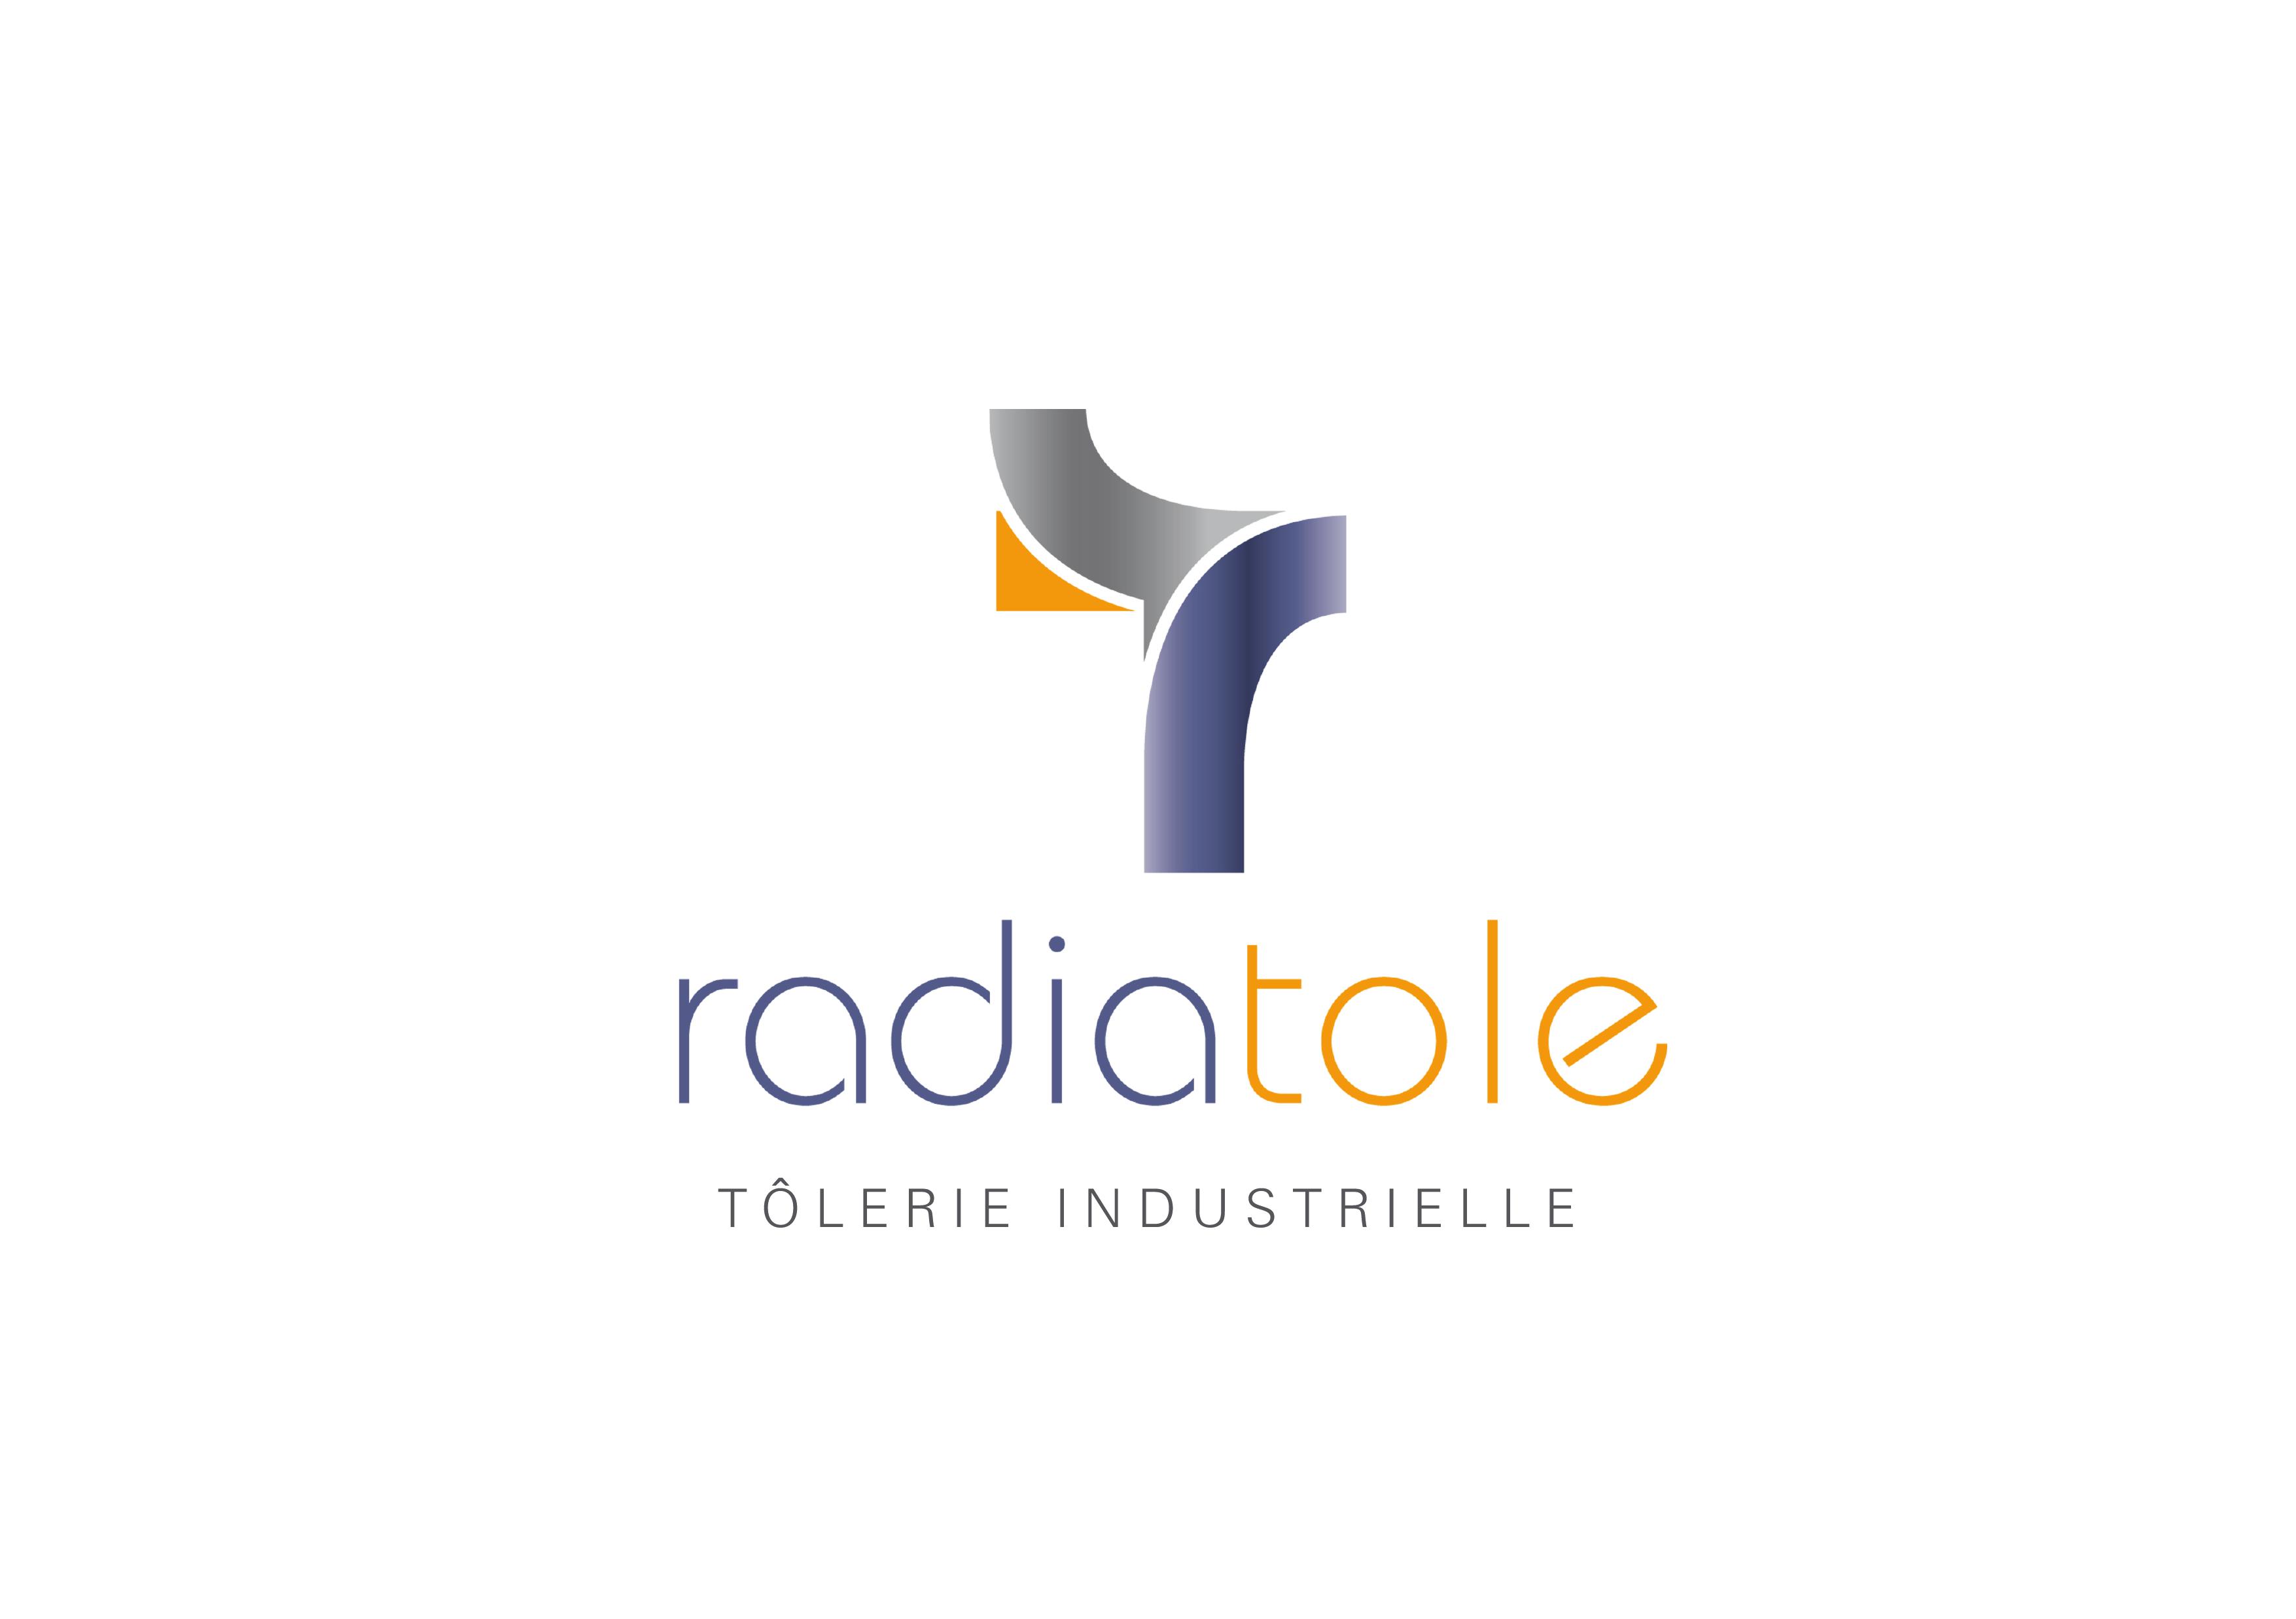 Logo Radiatole